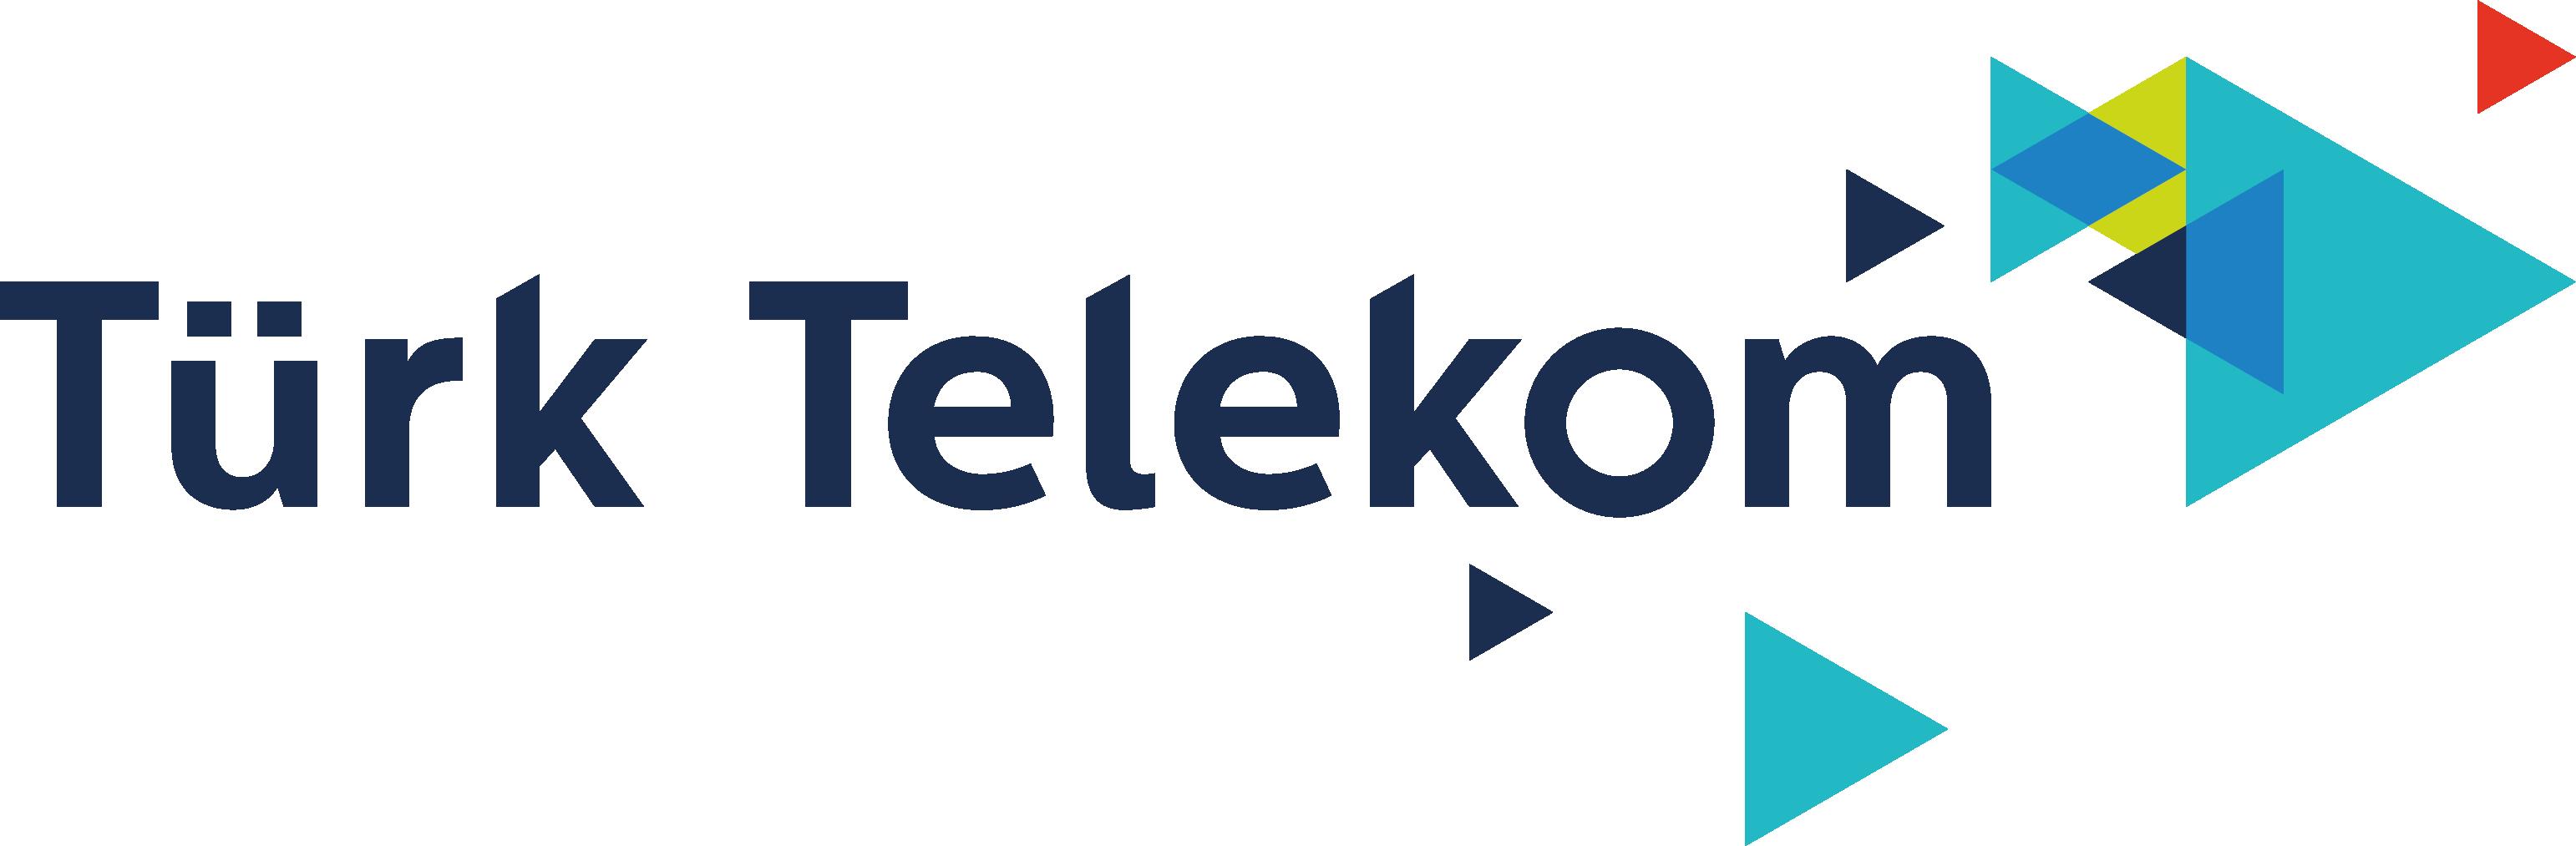 Turk Telekom Logo Mobile Logo Digital Advertising Gaming Logos